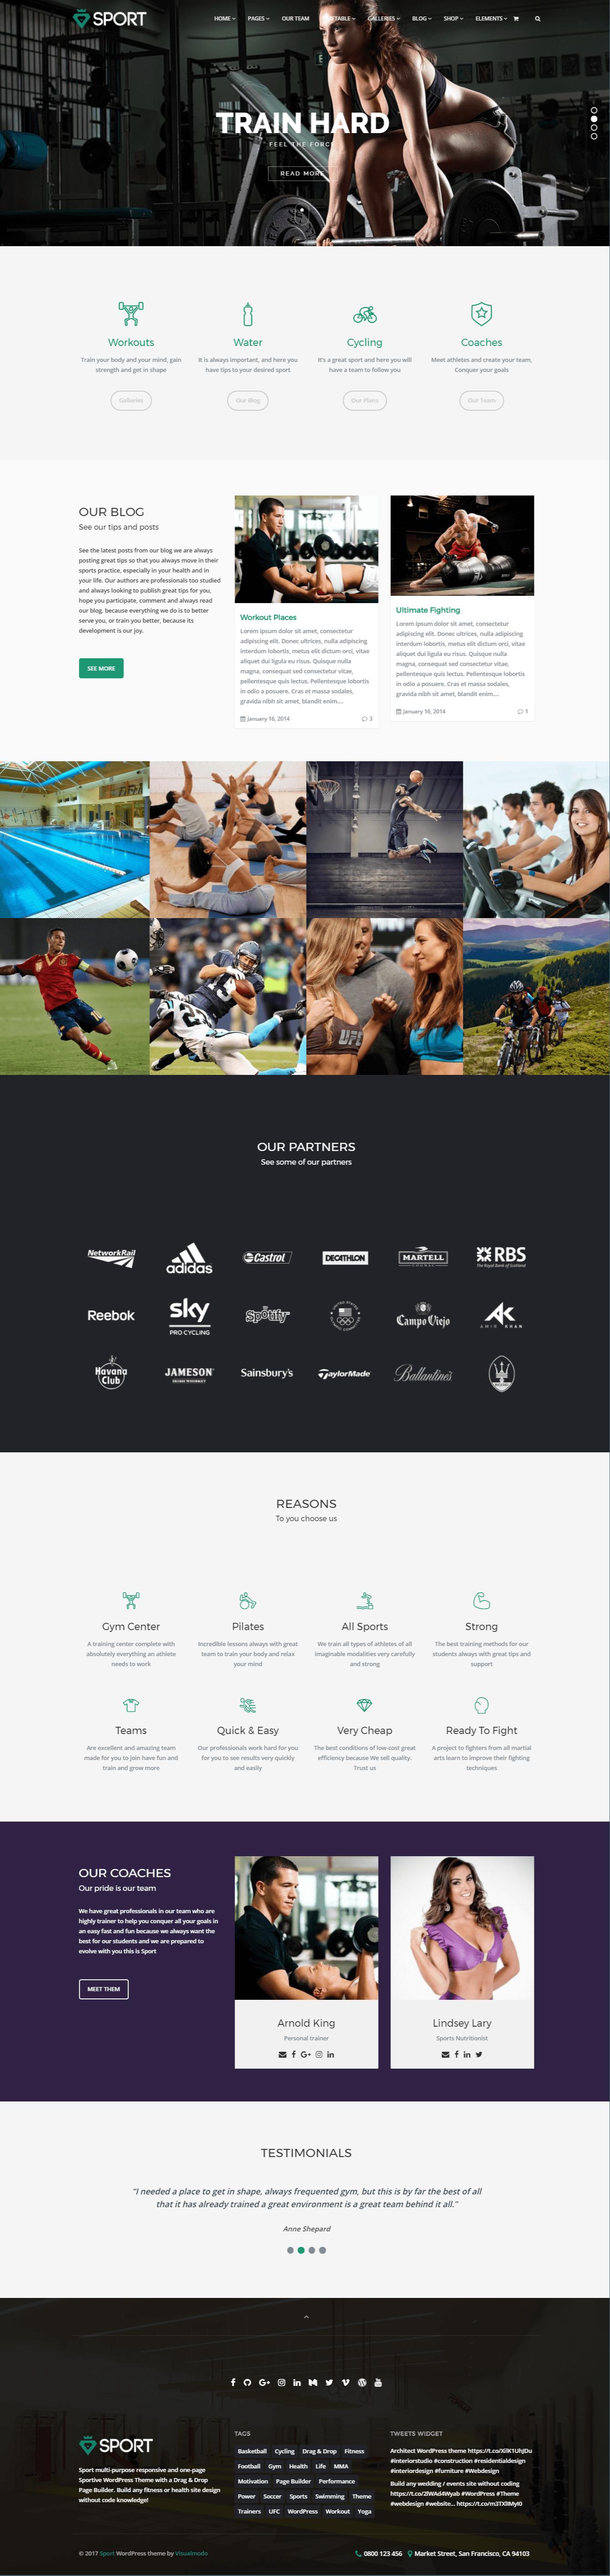 Sport WordPress Theme Screenshot